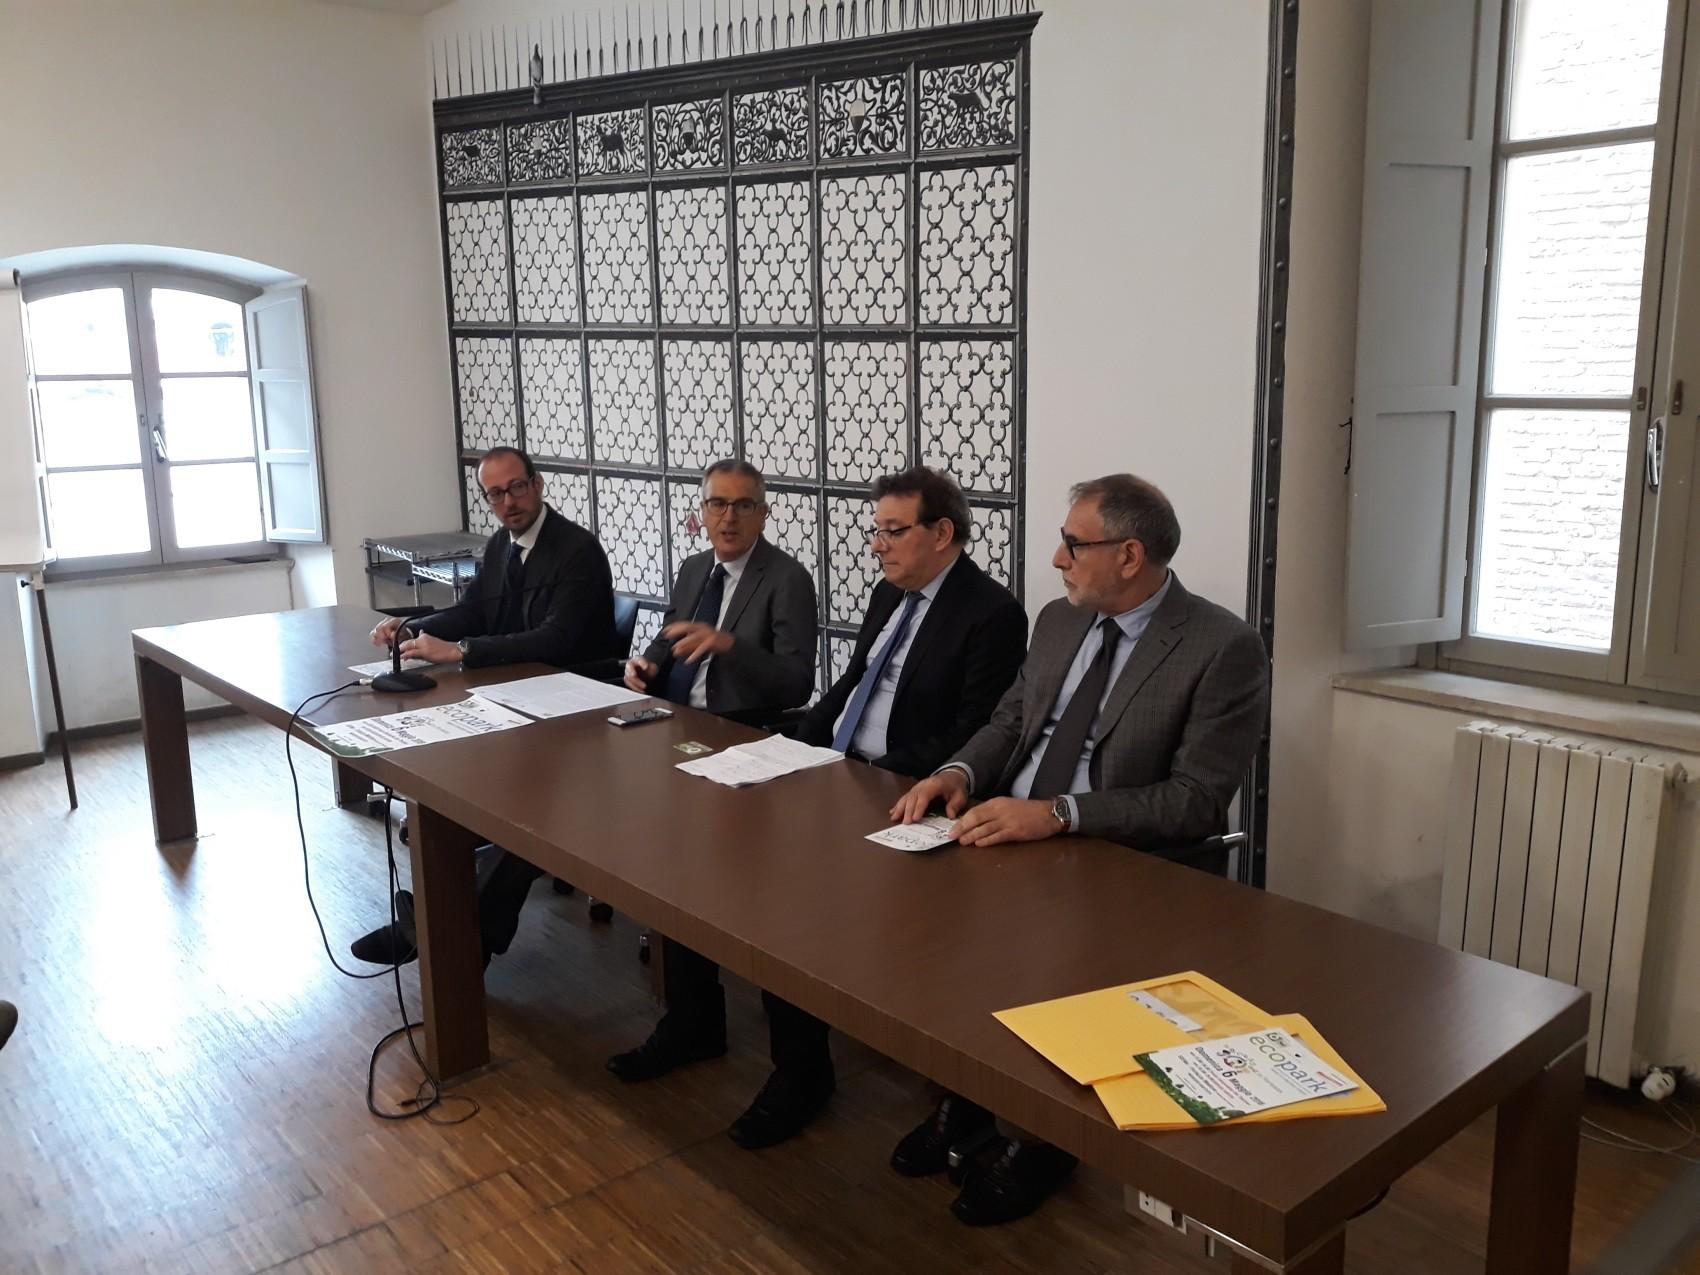 Comune di Siena e Sei Toscana tracciano il bilancio del lavoro fatto insieme